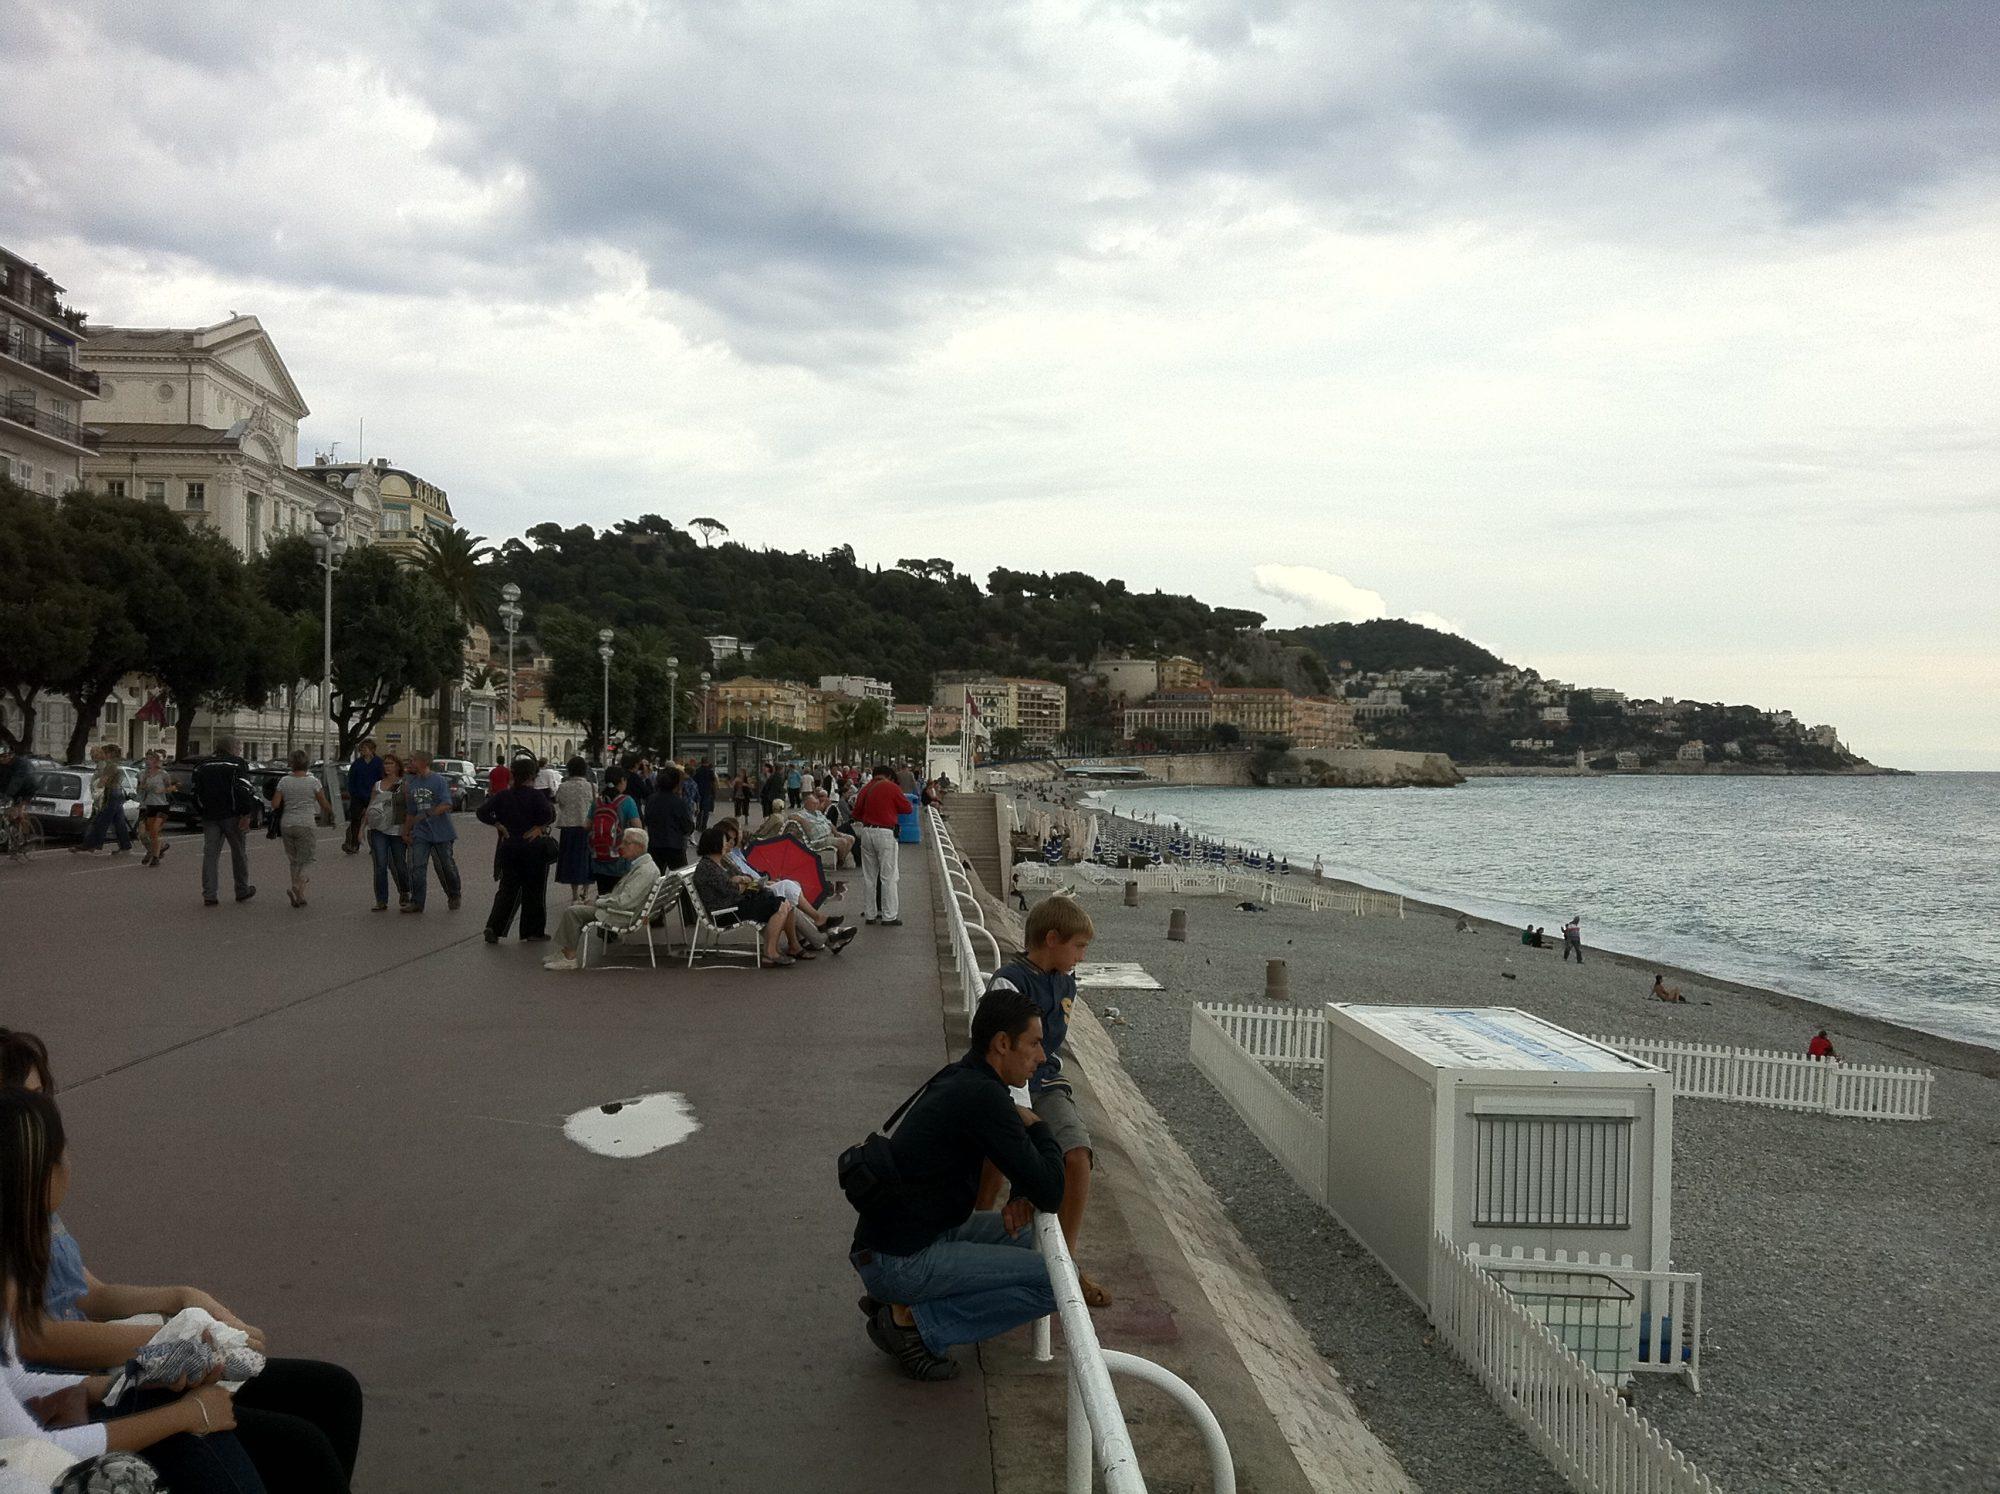 前往法國的遊客現在必須支付COVID-19測試費用